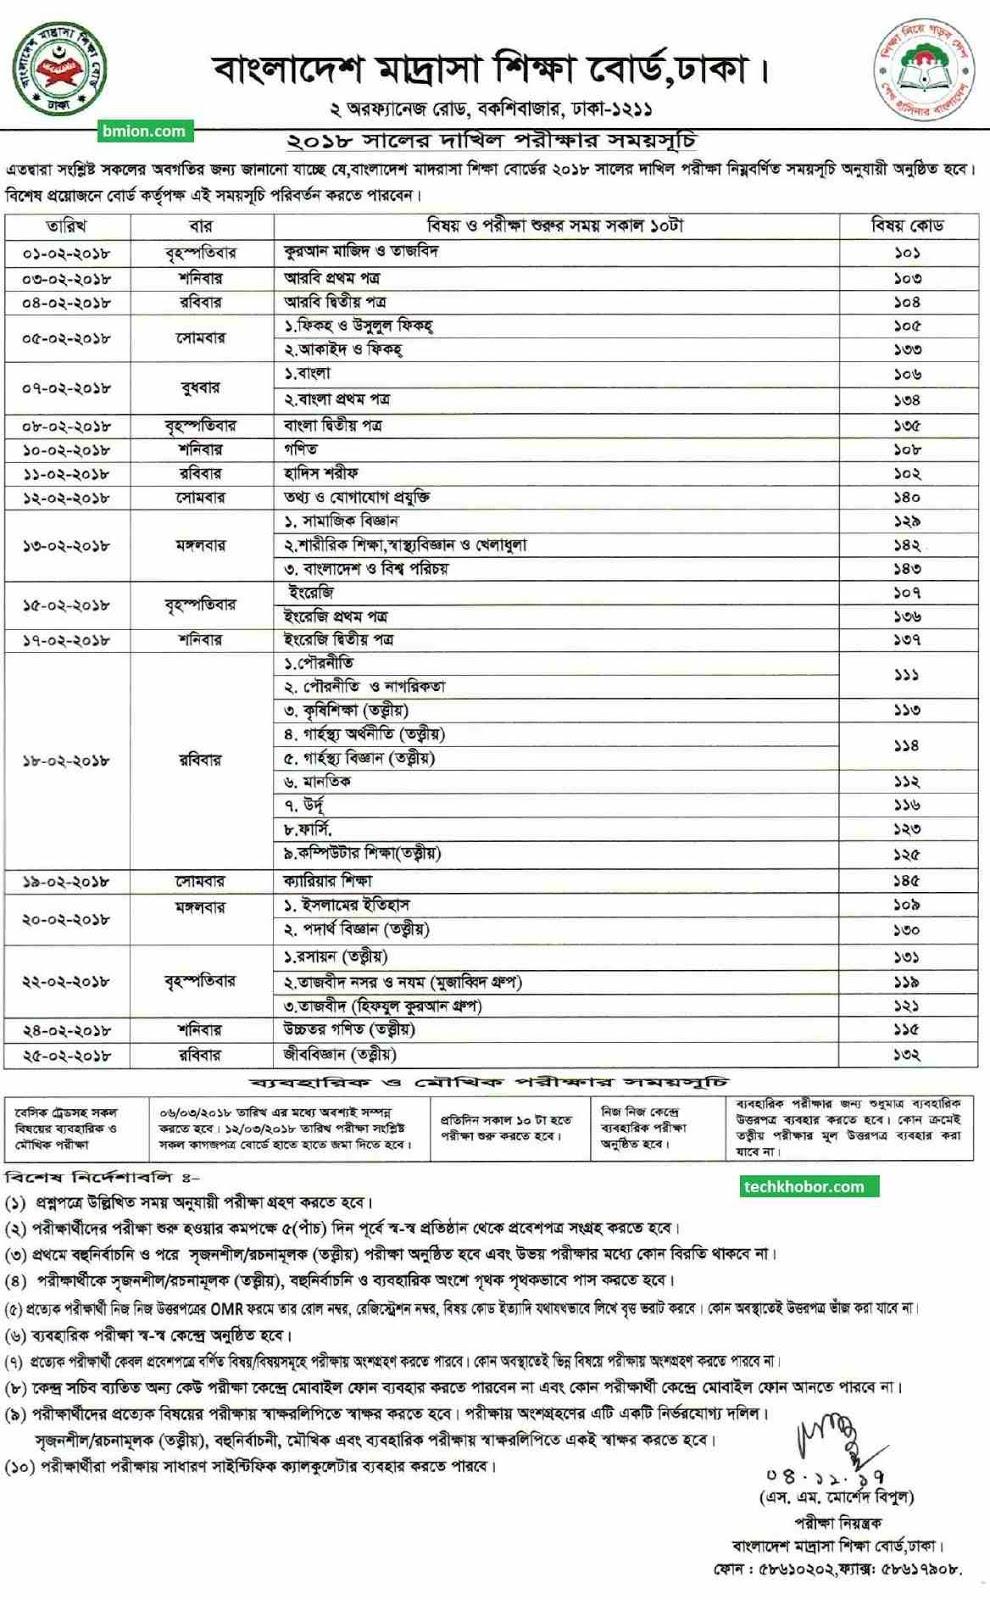 দাখিল-পরীক্ষার-রুটিন-২০১৮-পরীক্ষা-শুরু-১-ফেব্রুয়ারি-২০১৮